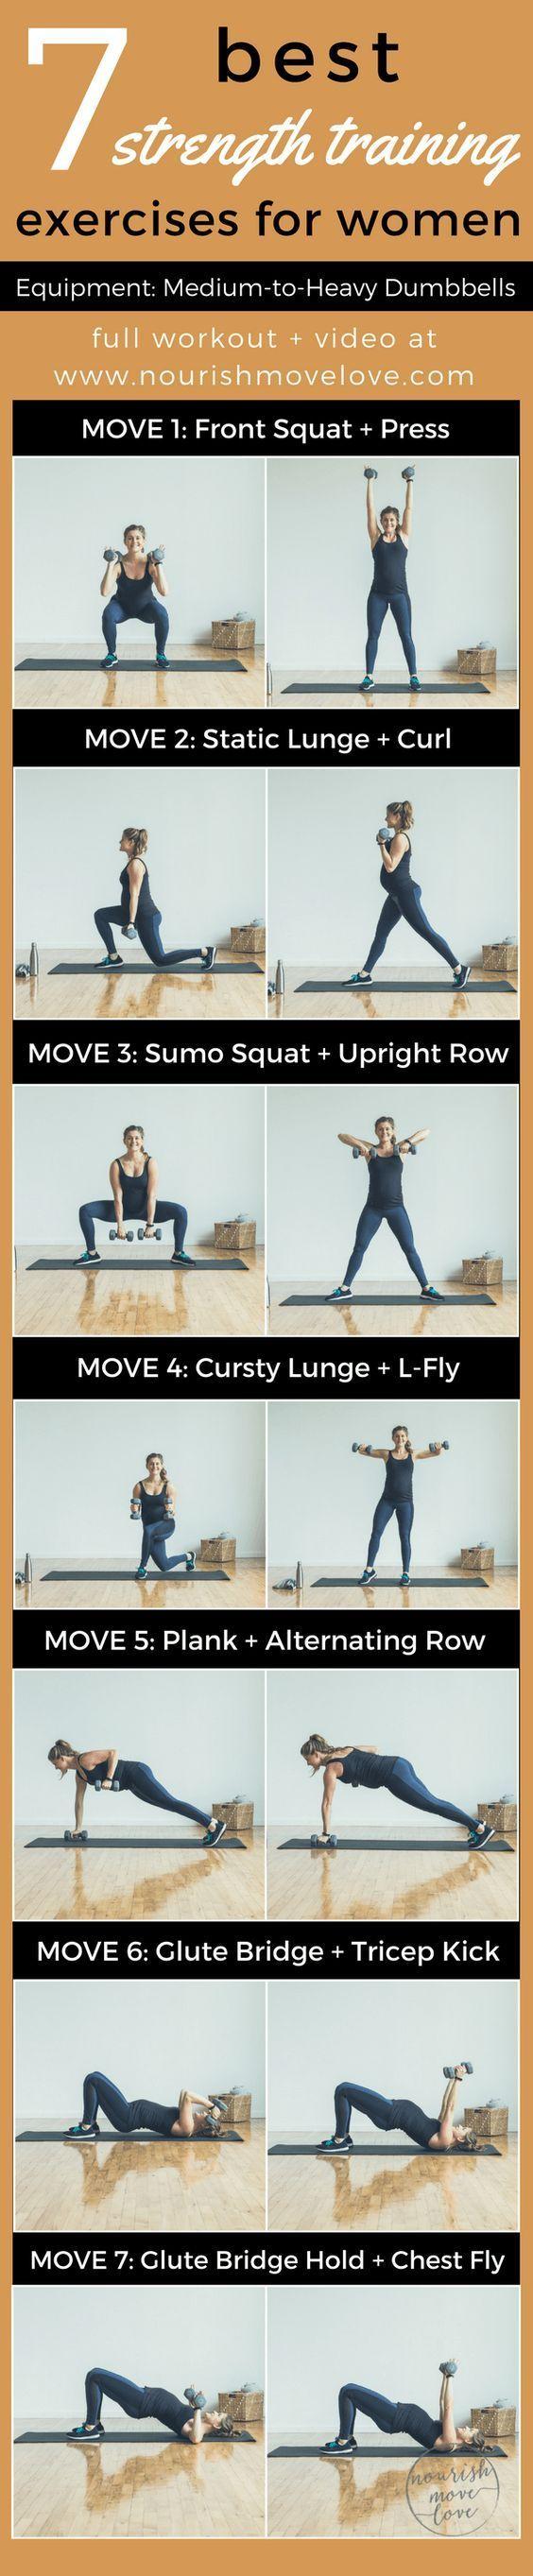 7 Best Strength Training Exercises for Women | www.nourishmovelove.com7 Best Strength Training E